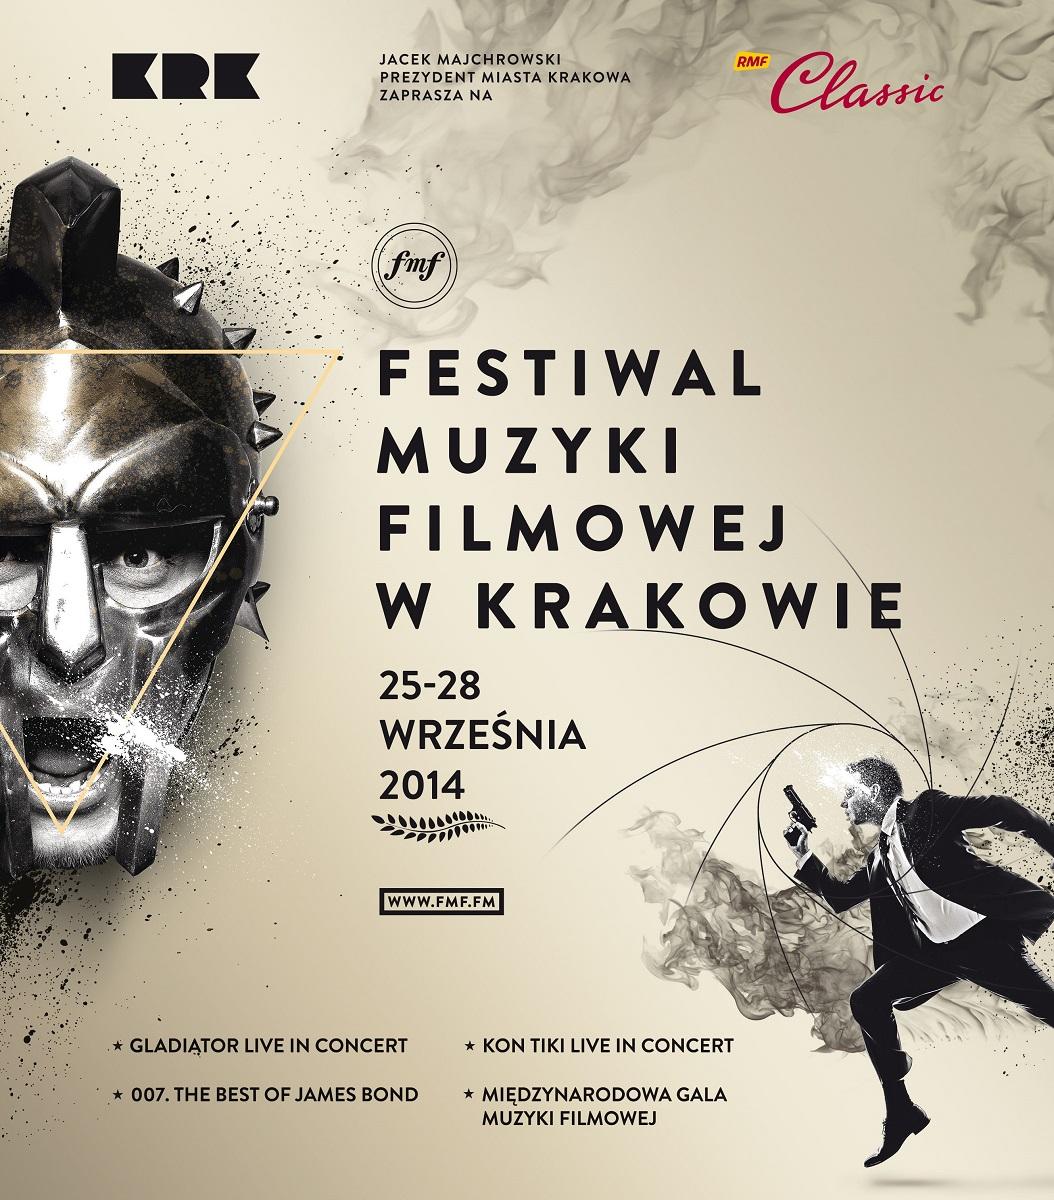 Plakat Festiwalu Muzyki Filmowej w Krakowie, (źródło: materiały prasowe organizatora)